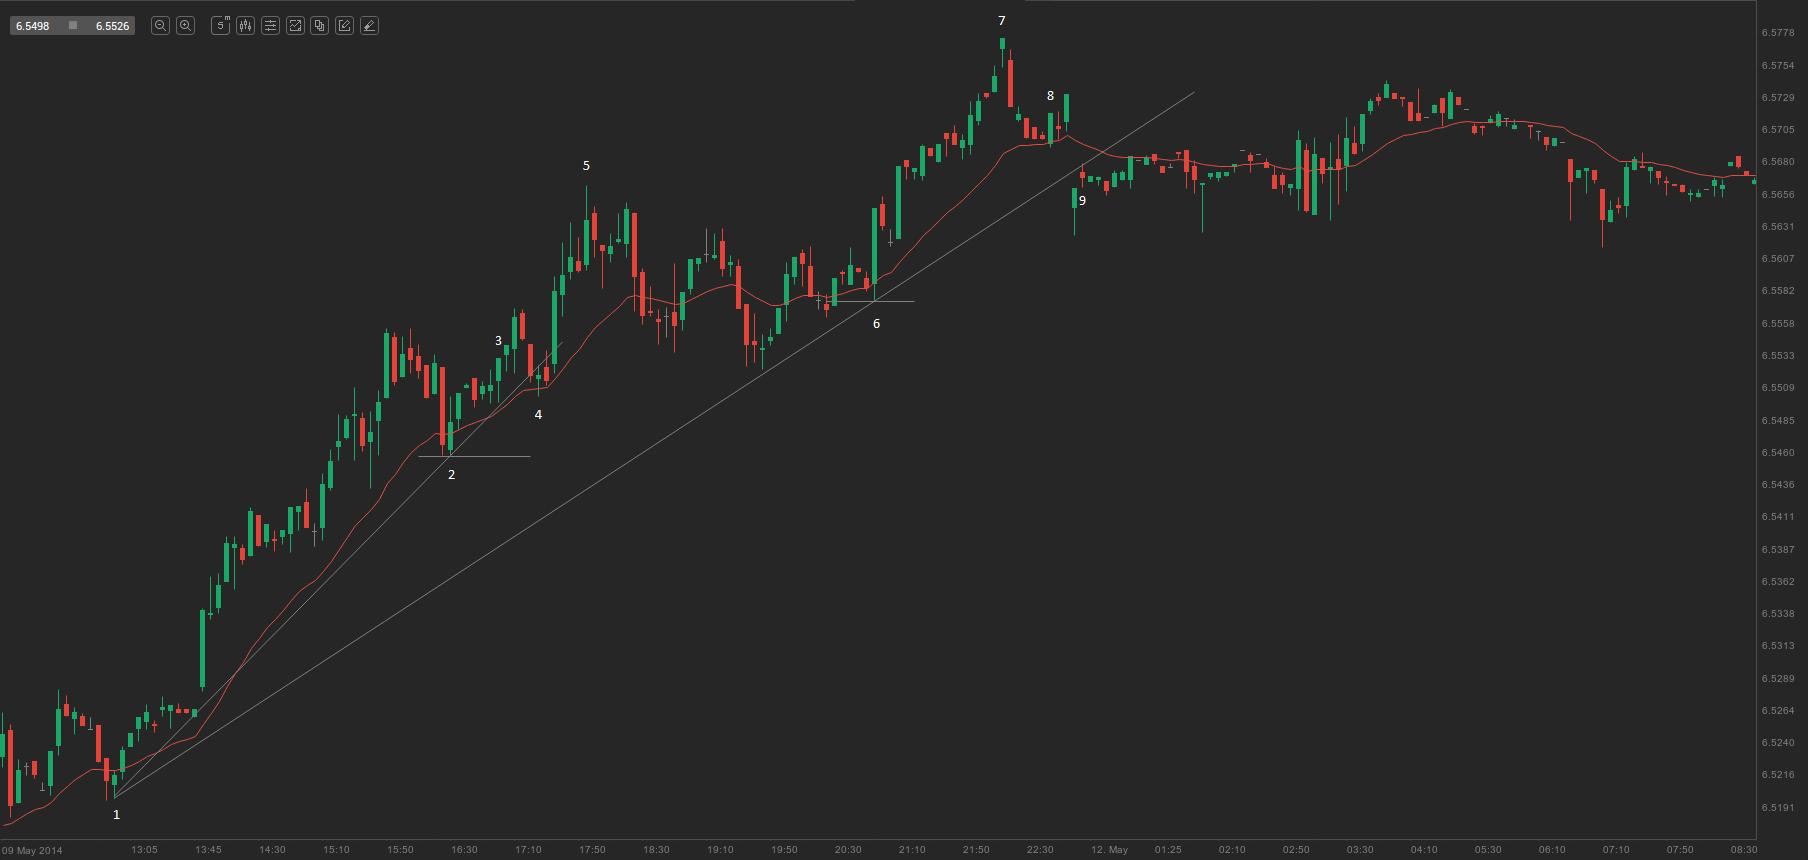 chart - break of trend lines